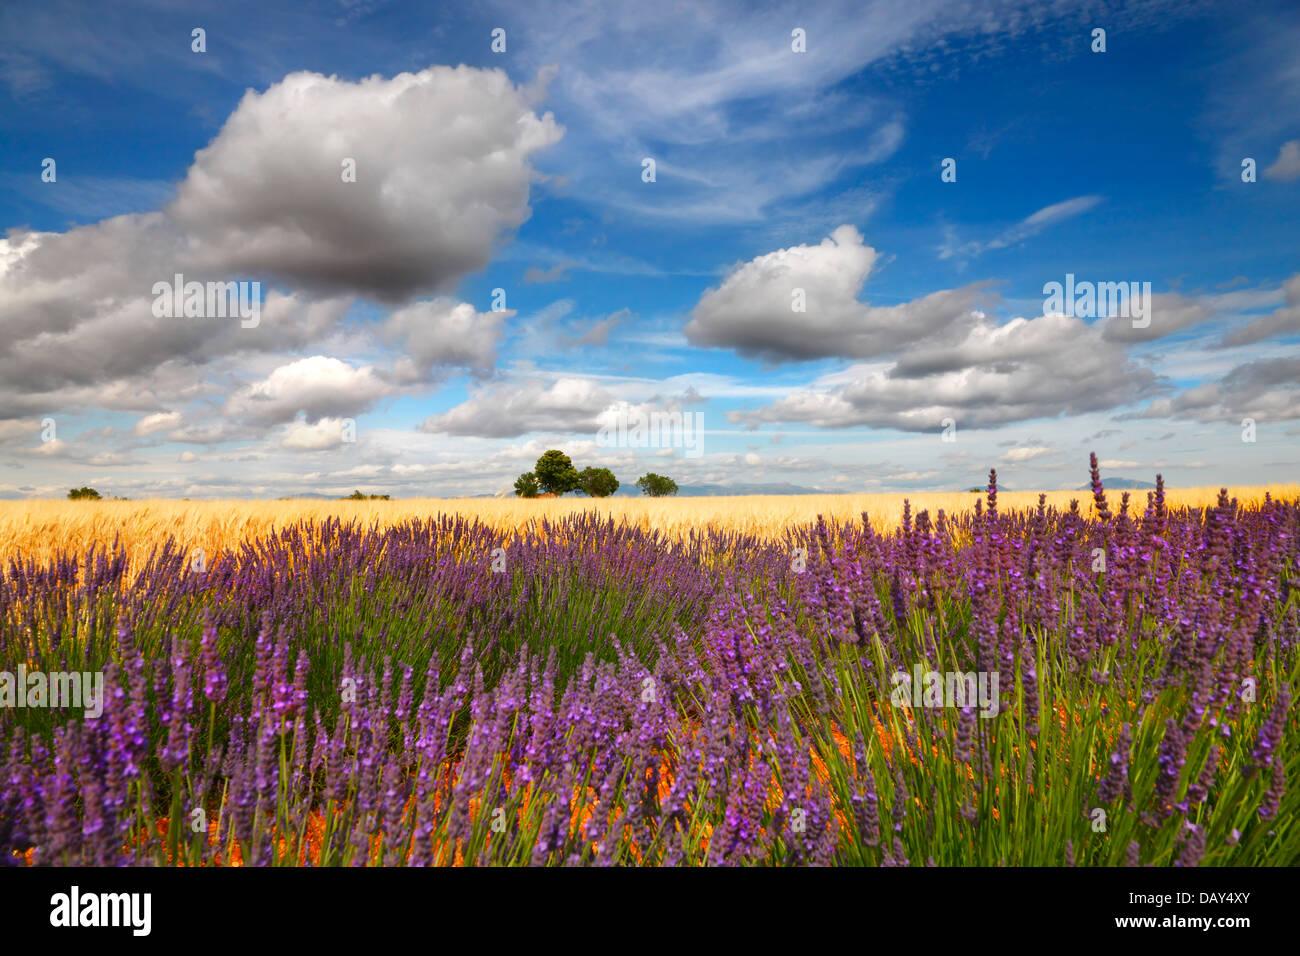 Champ de lavande avec de beaux nuages, Provence France. Photo Stock